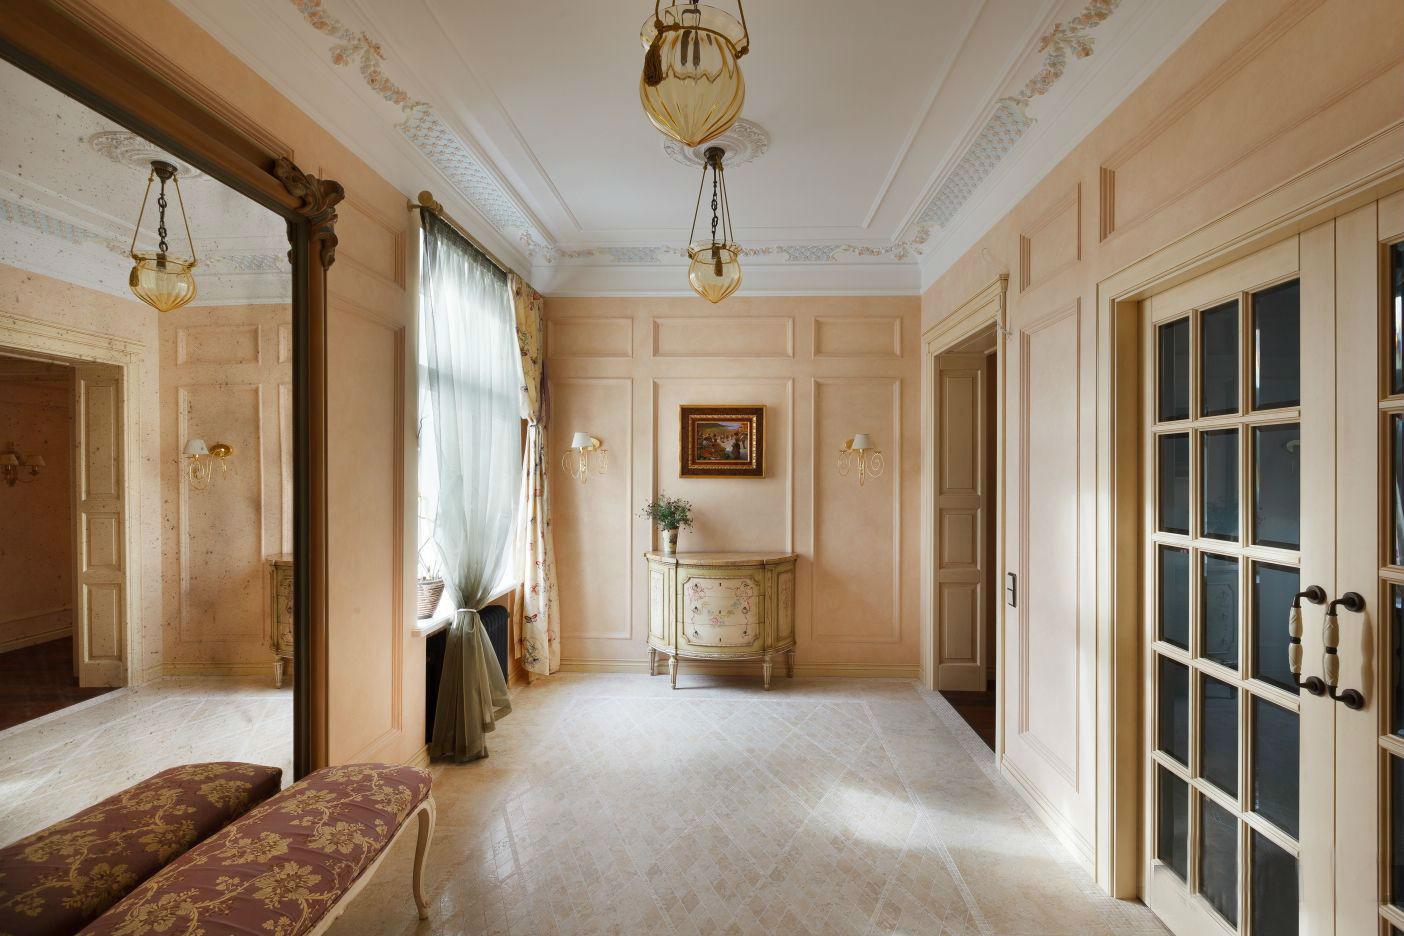 Картошки Баклажанов интерьер прихожей в французком стиле рамках урока педагогика